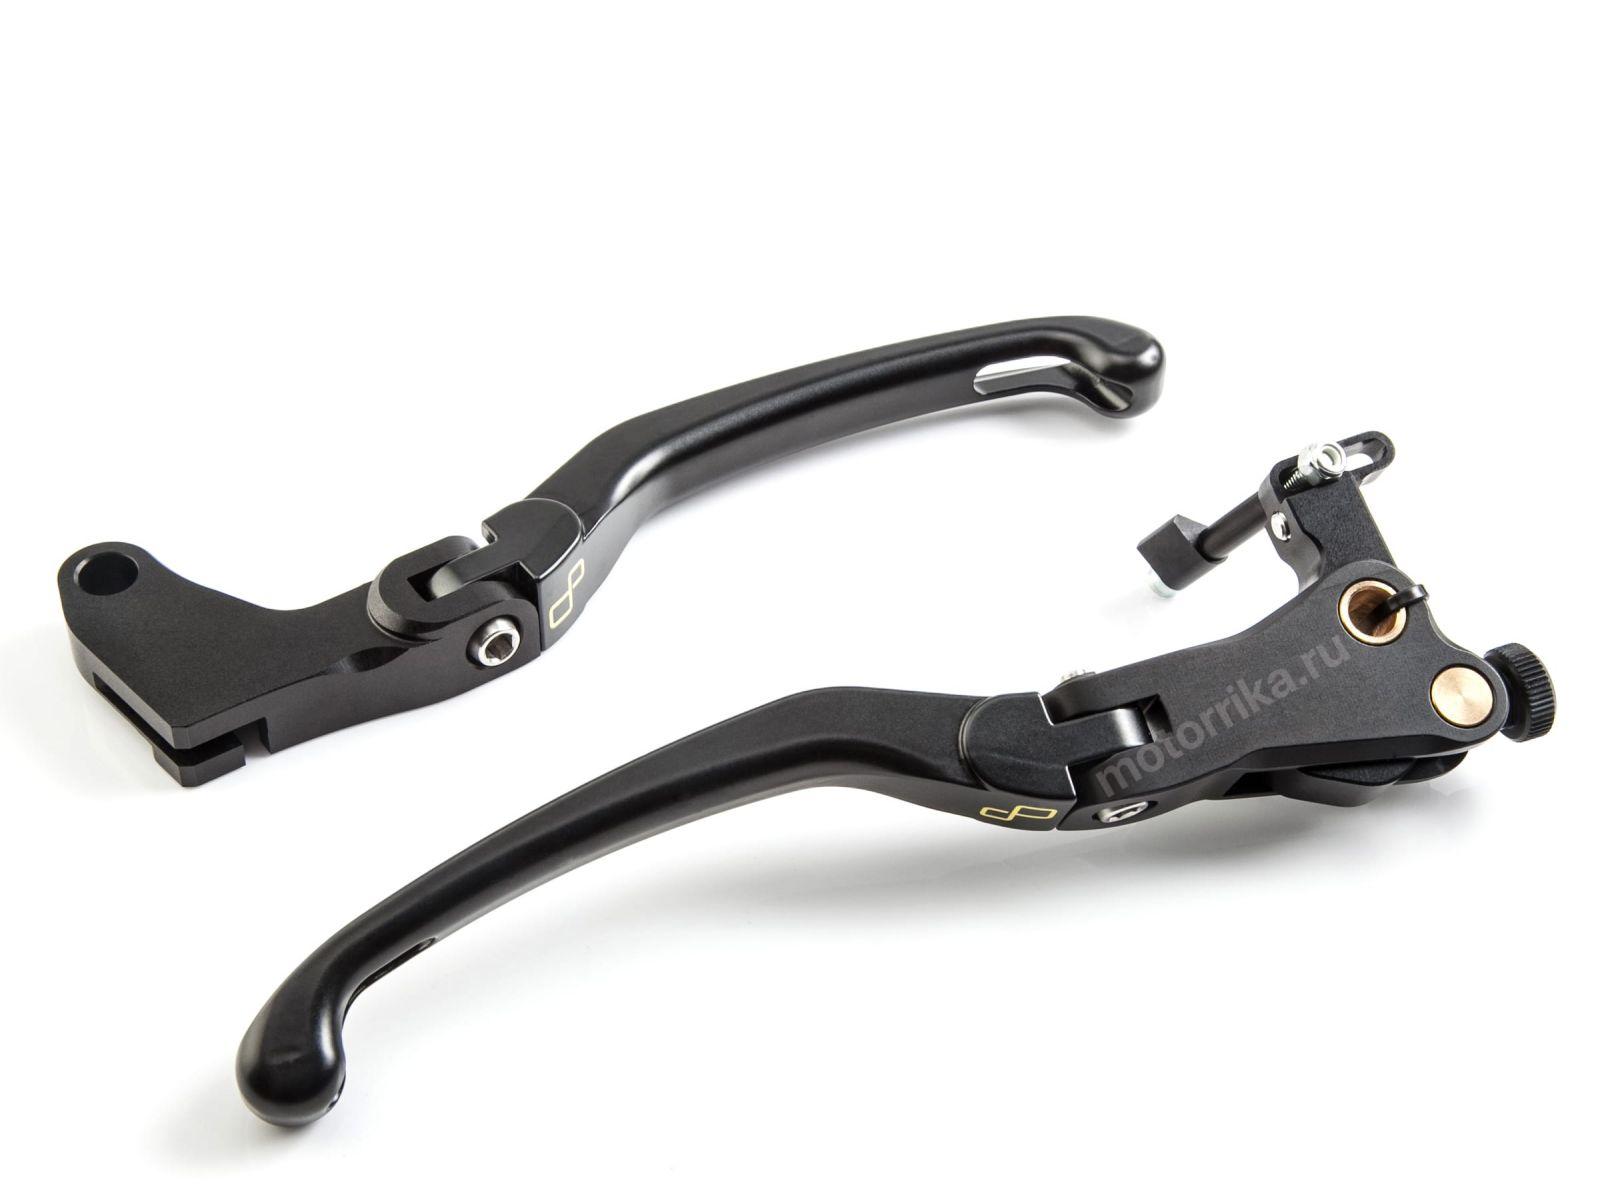 Комплект рычагов Lightech для Suzuki GSX-R600 06-14, Suzuki GSX-R750 06-14, GSX-R1000 11-14